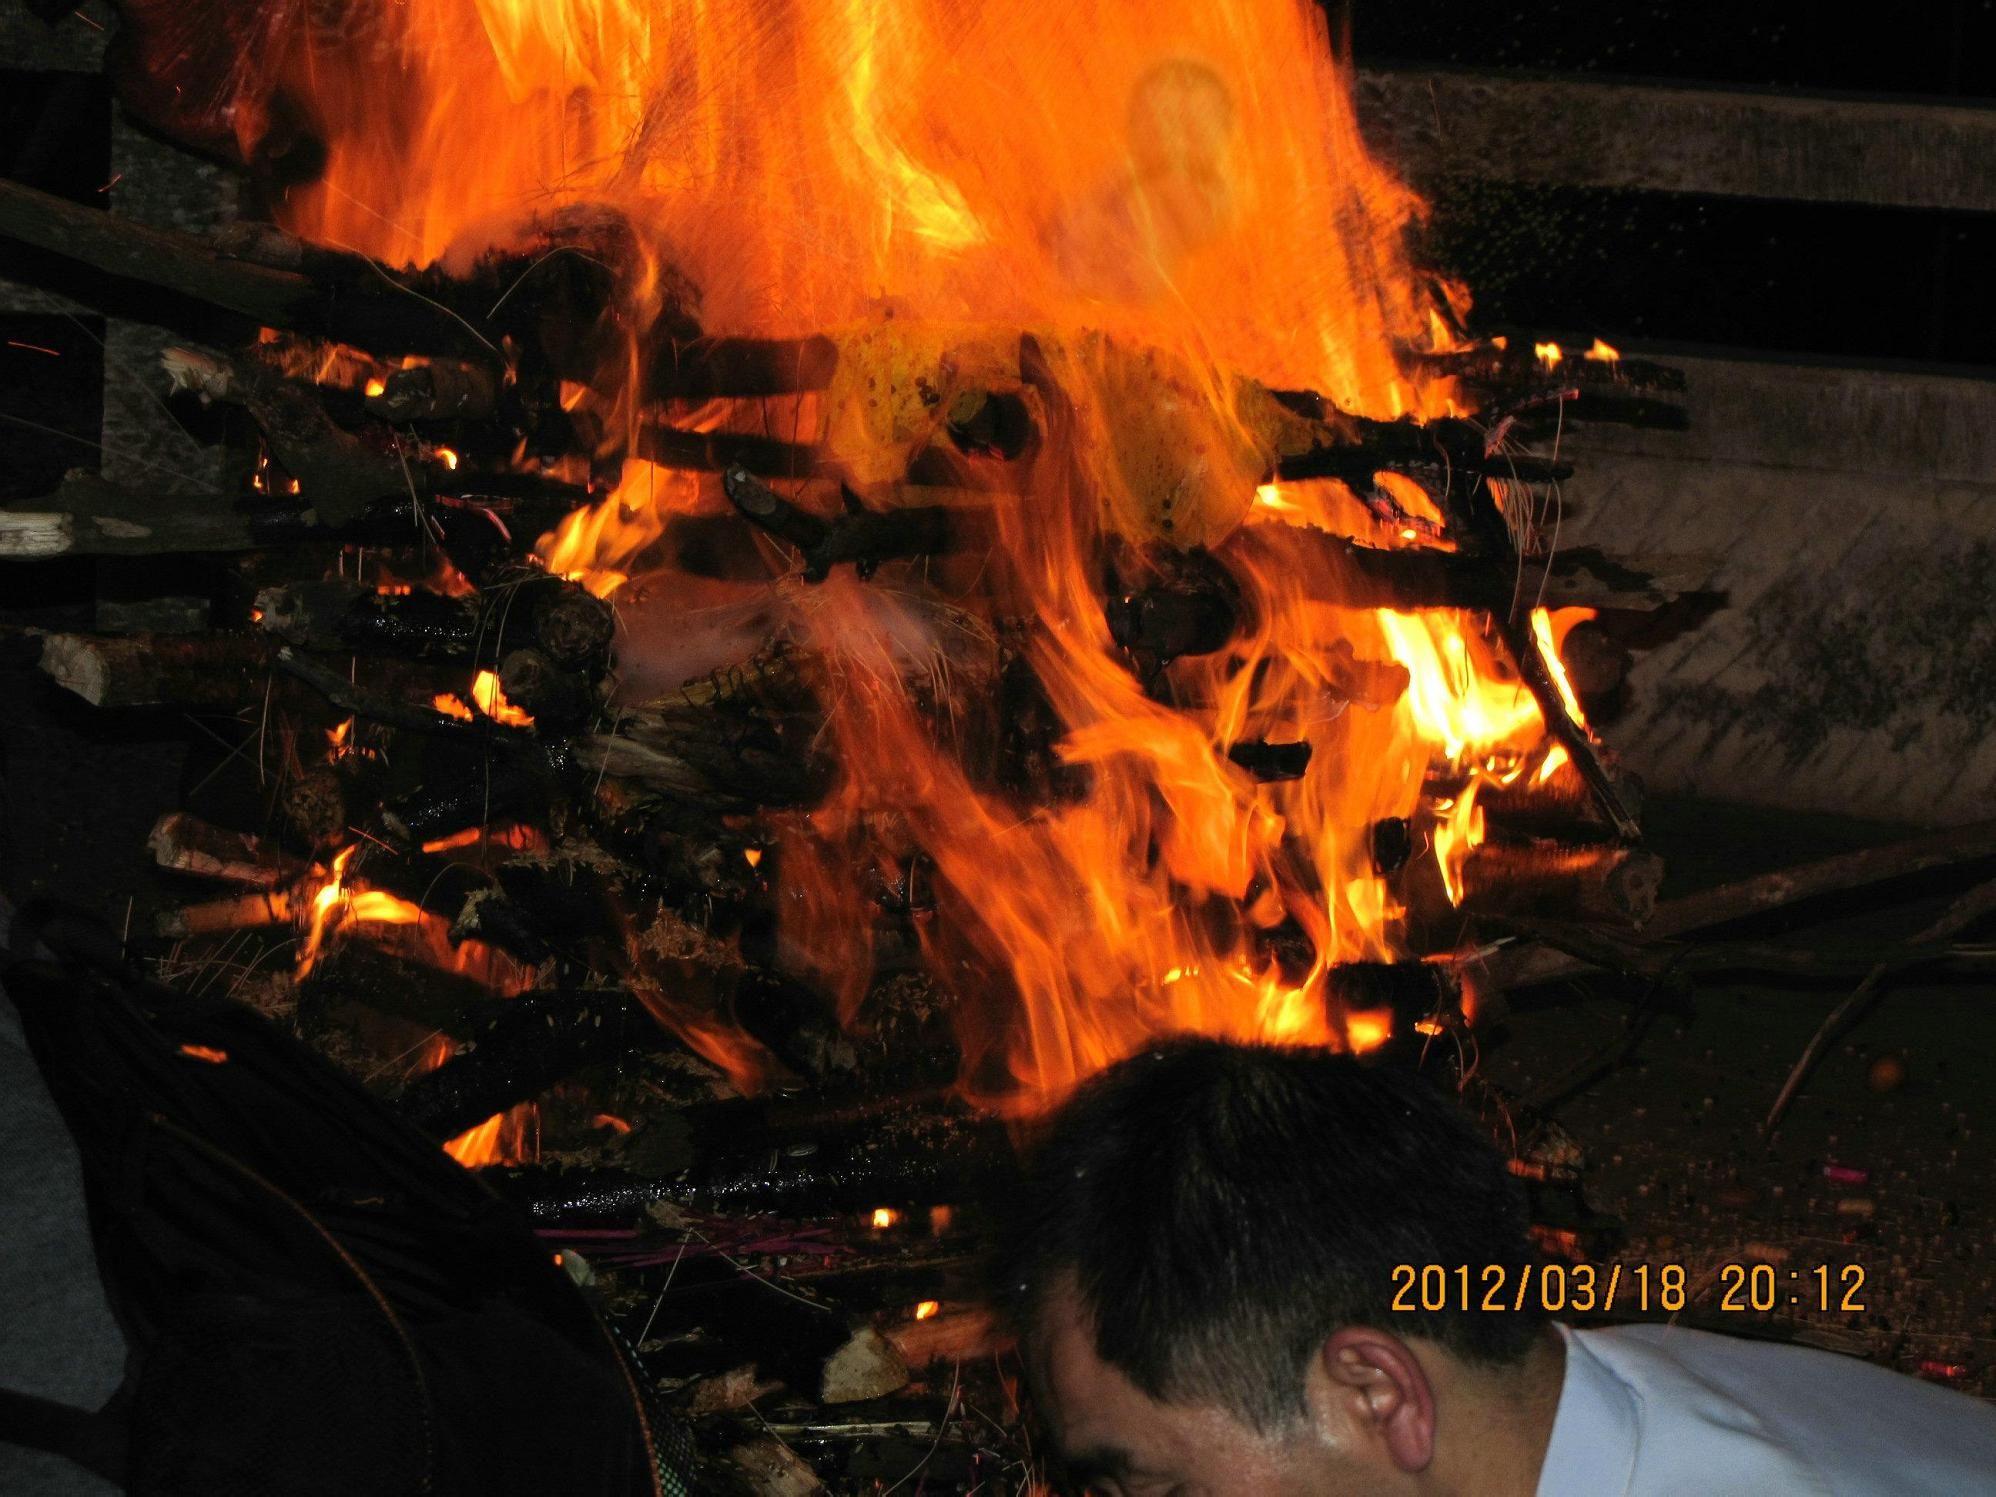 太神奇:达真堪布在广西主持火供现场出现罕见瑞像:两处瑞相清晰的见证了佛陀与婴灵的形象 - 莲池佛地 - 莲池佛地